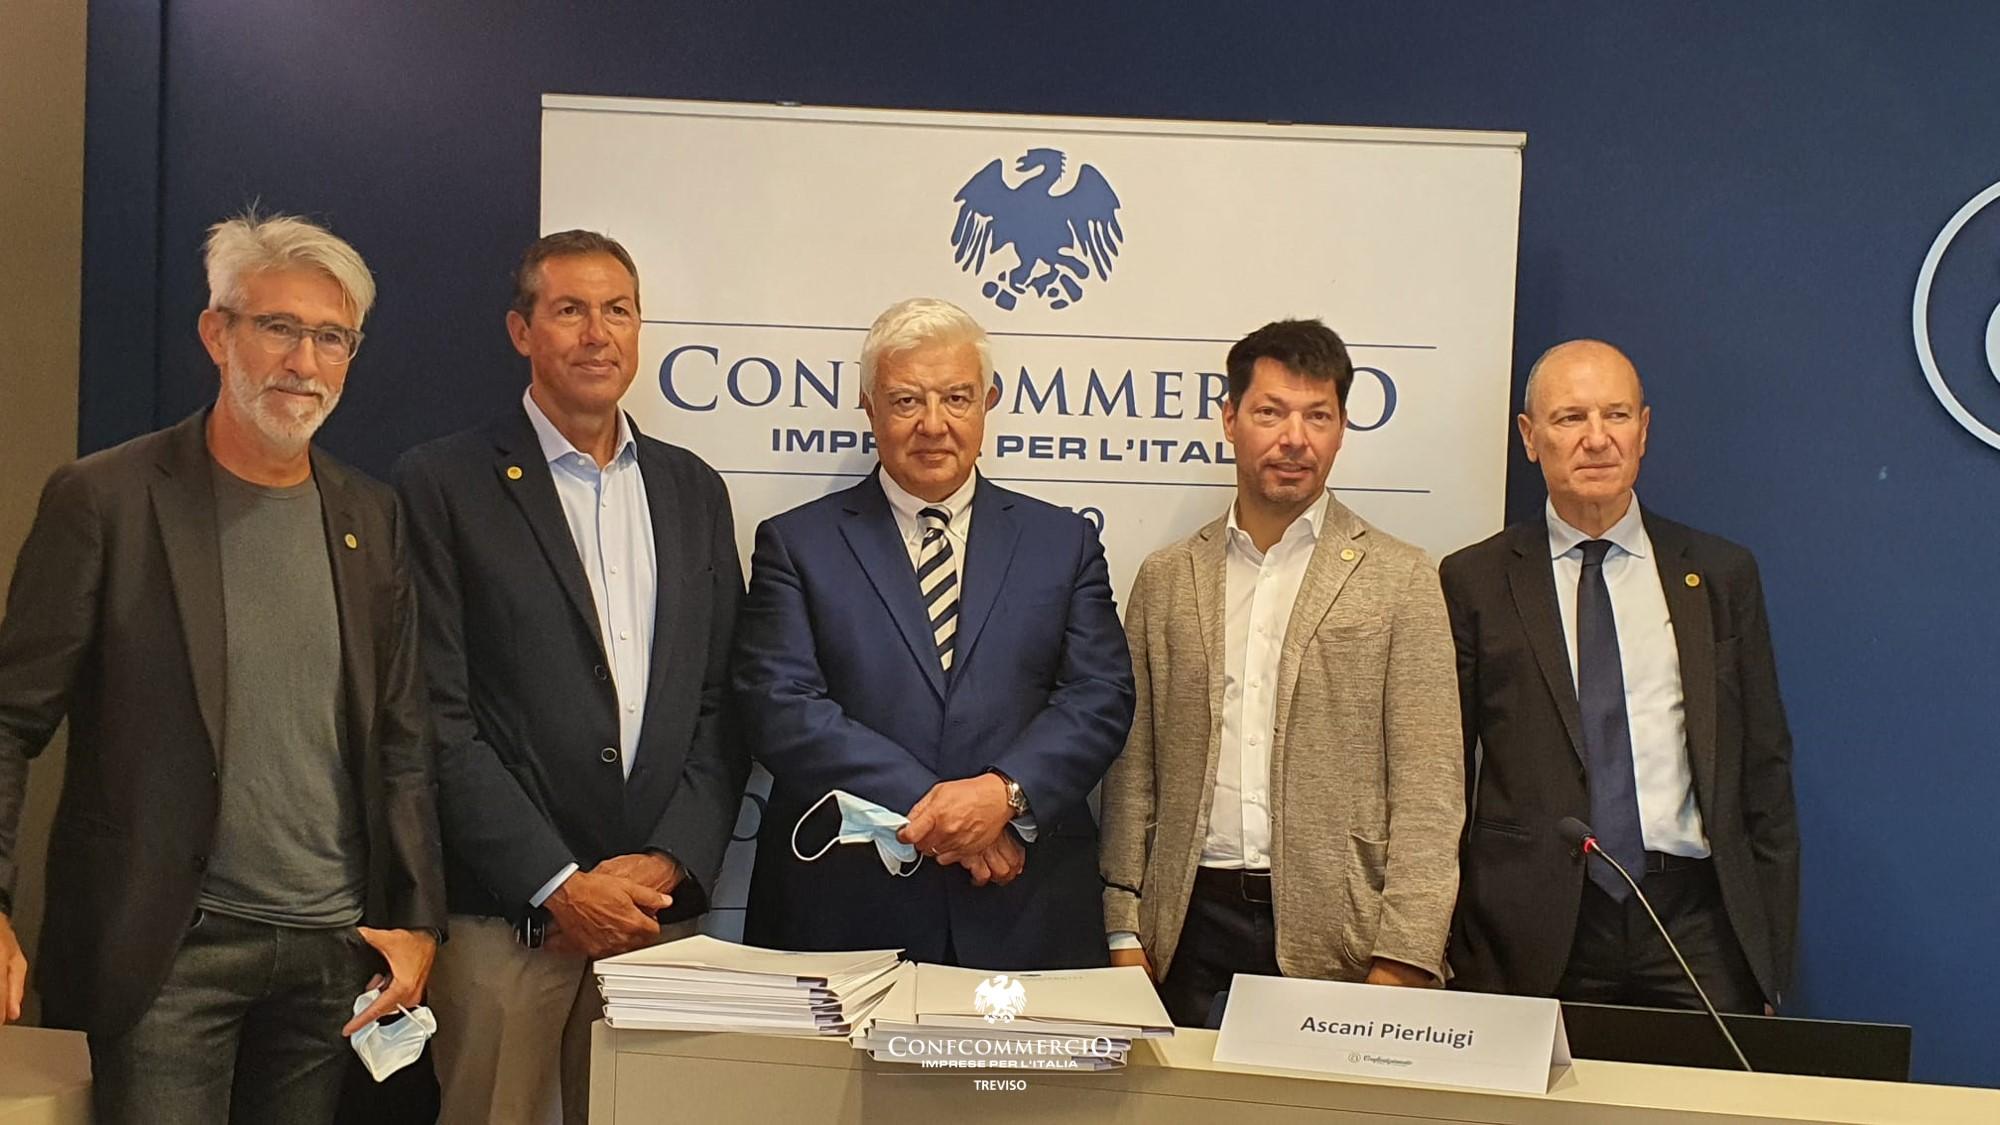 Confcommercio Treviso – Conegliano – Le attese verso la politica. L'opinione dei cittadini e degli imprenditori